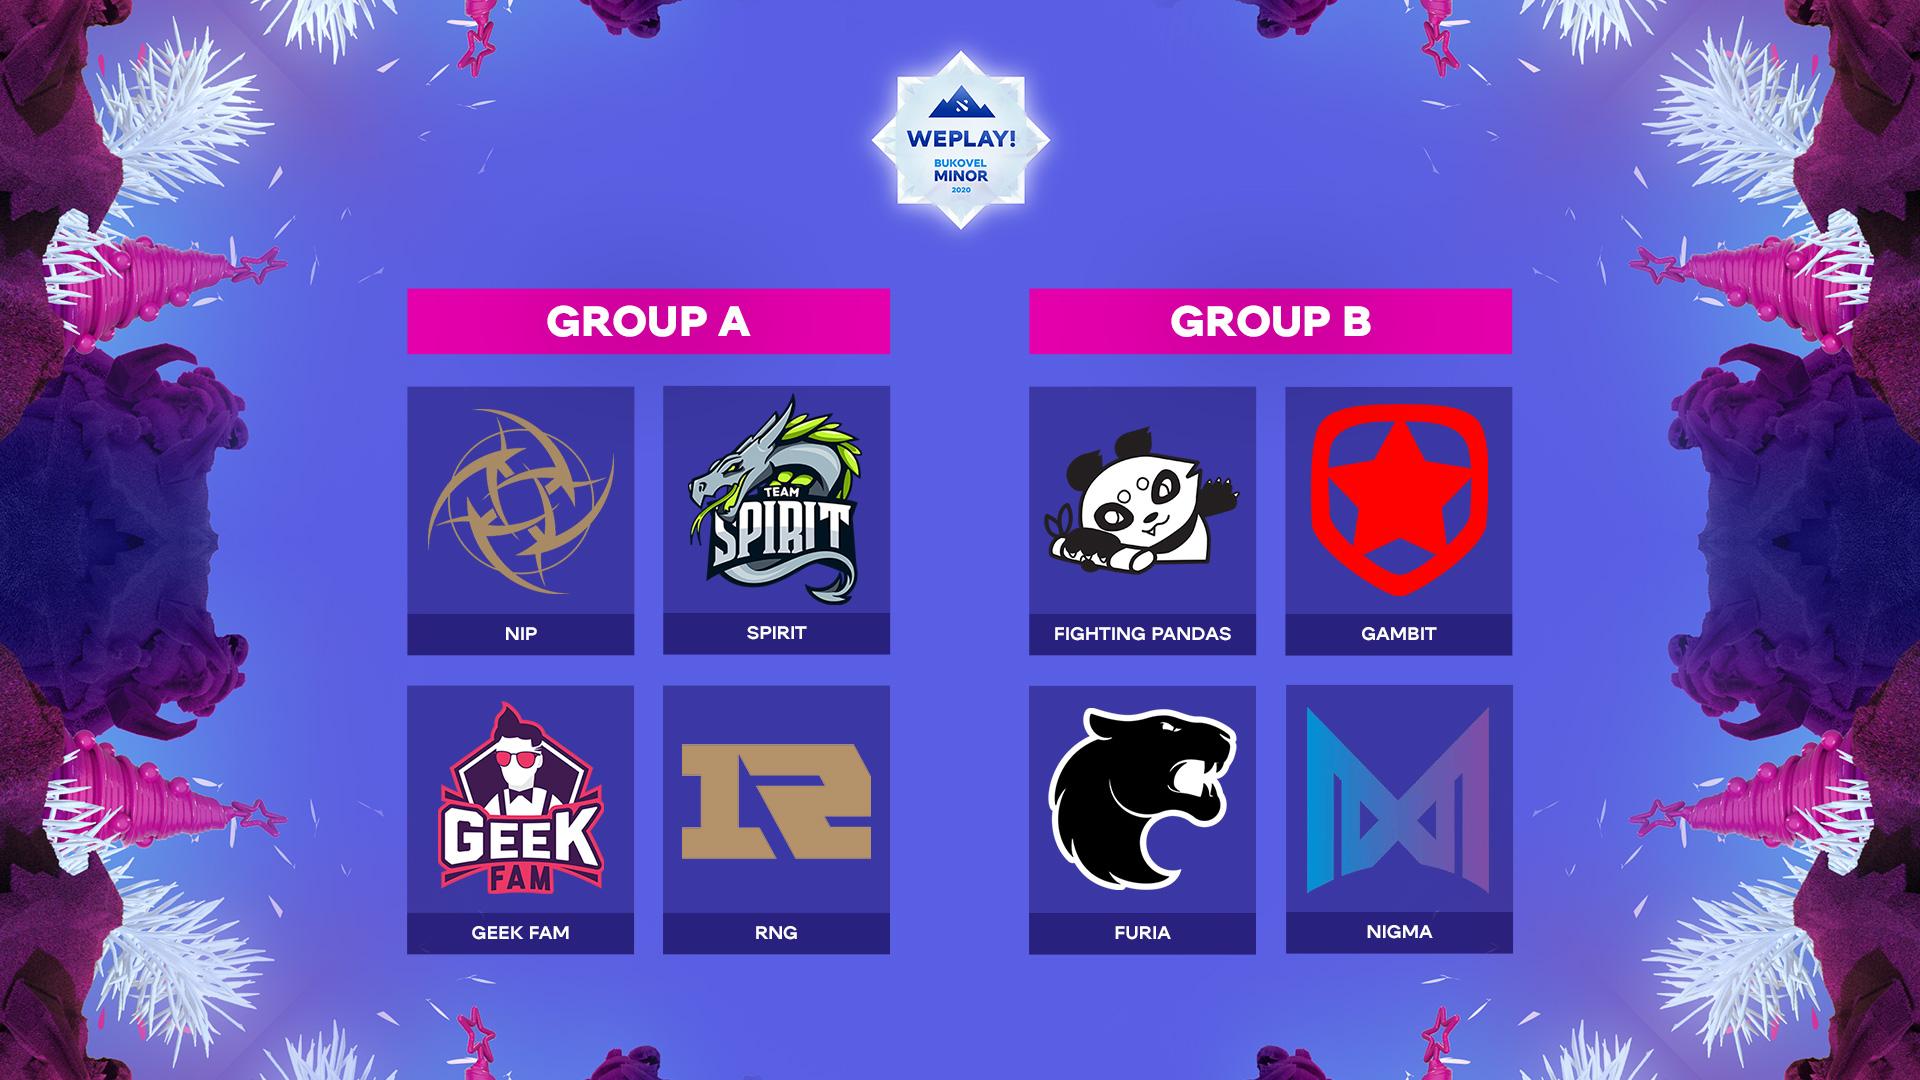 group stage bukovel - Lịch thi đấu và format vòng bảng WePlay! Bukovel Minor